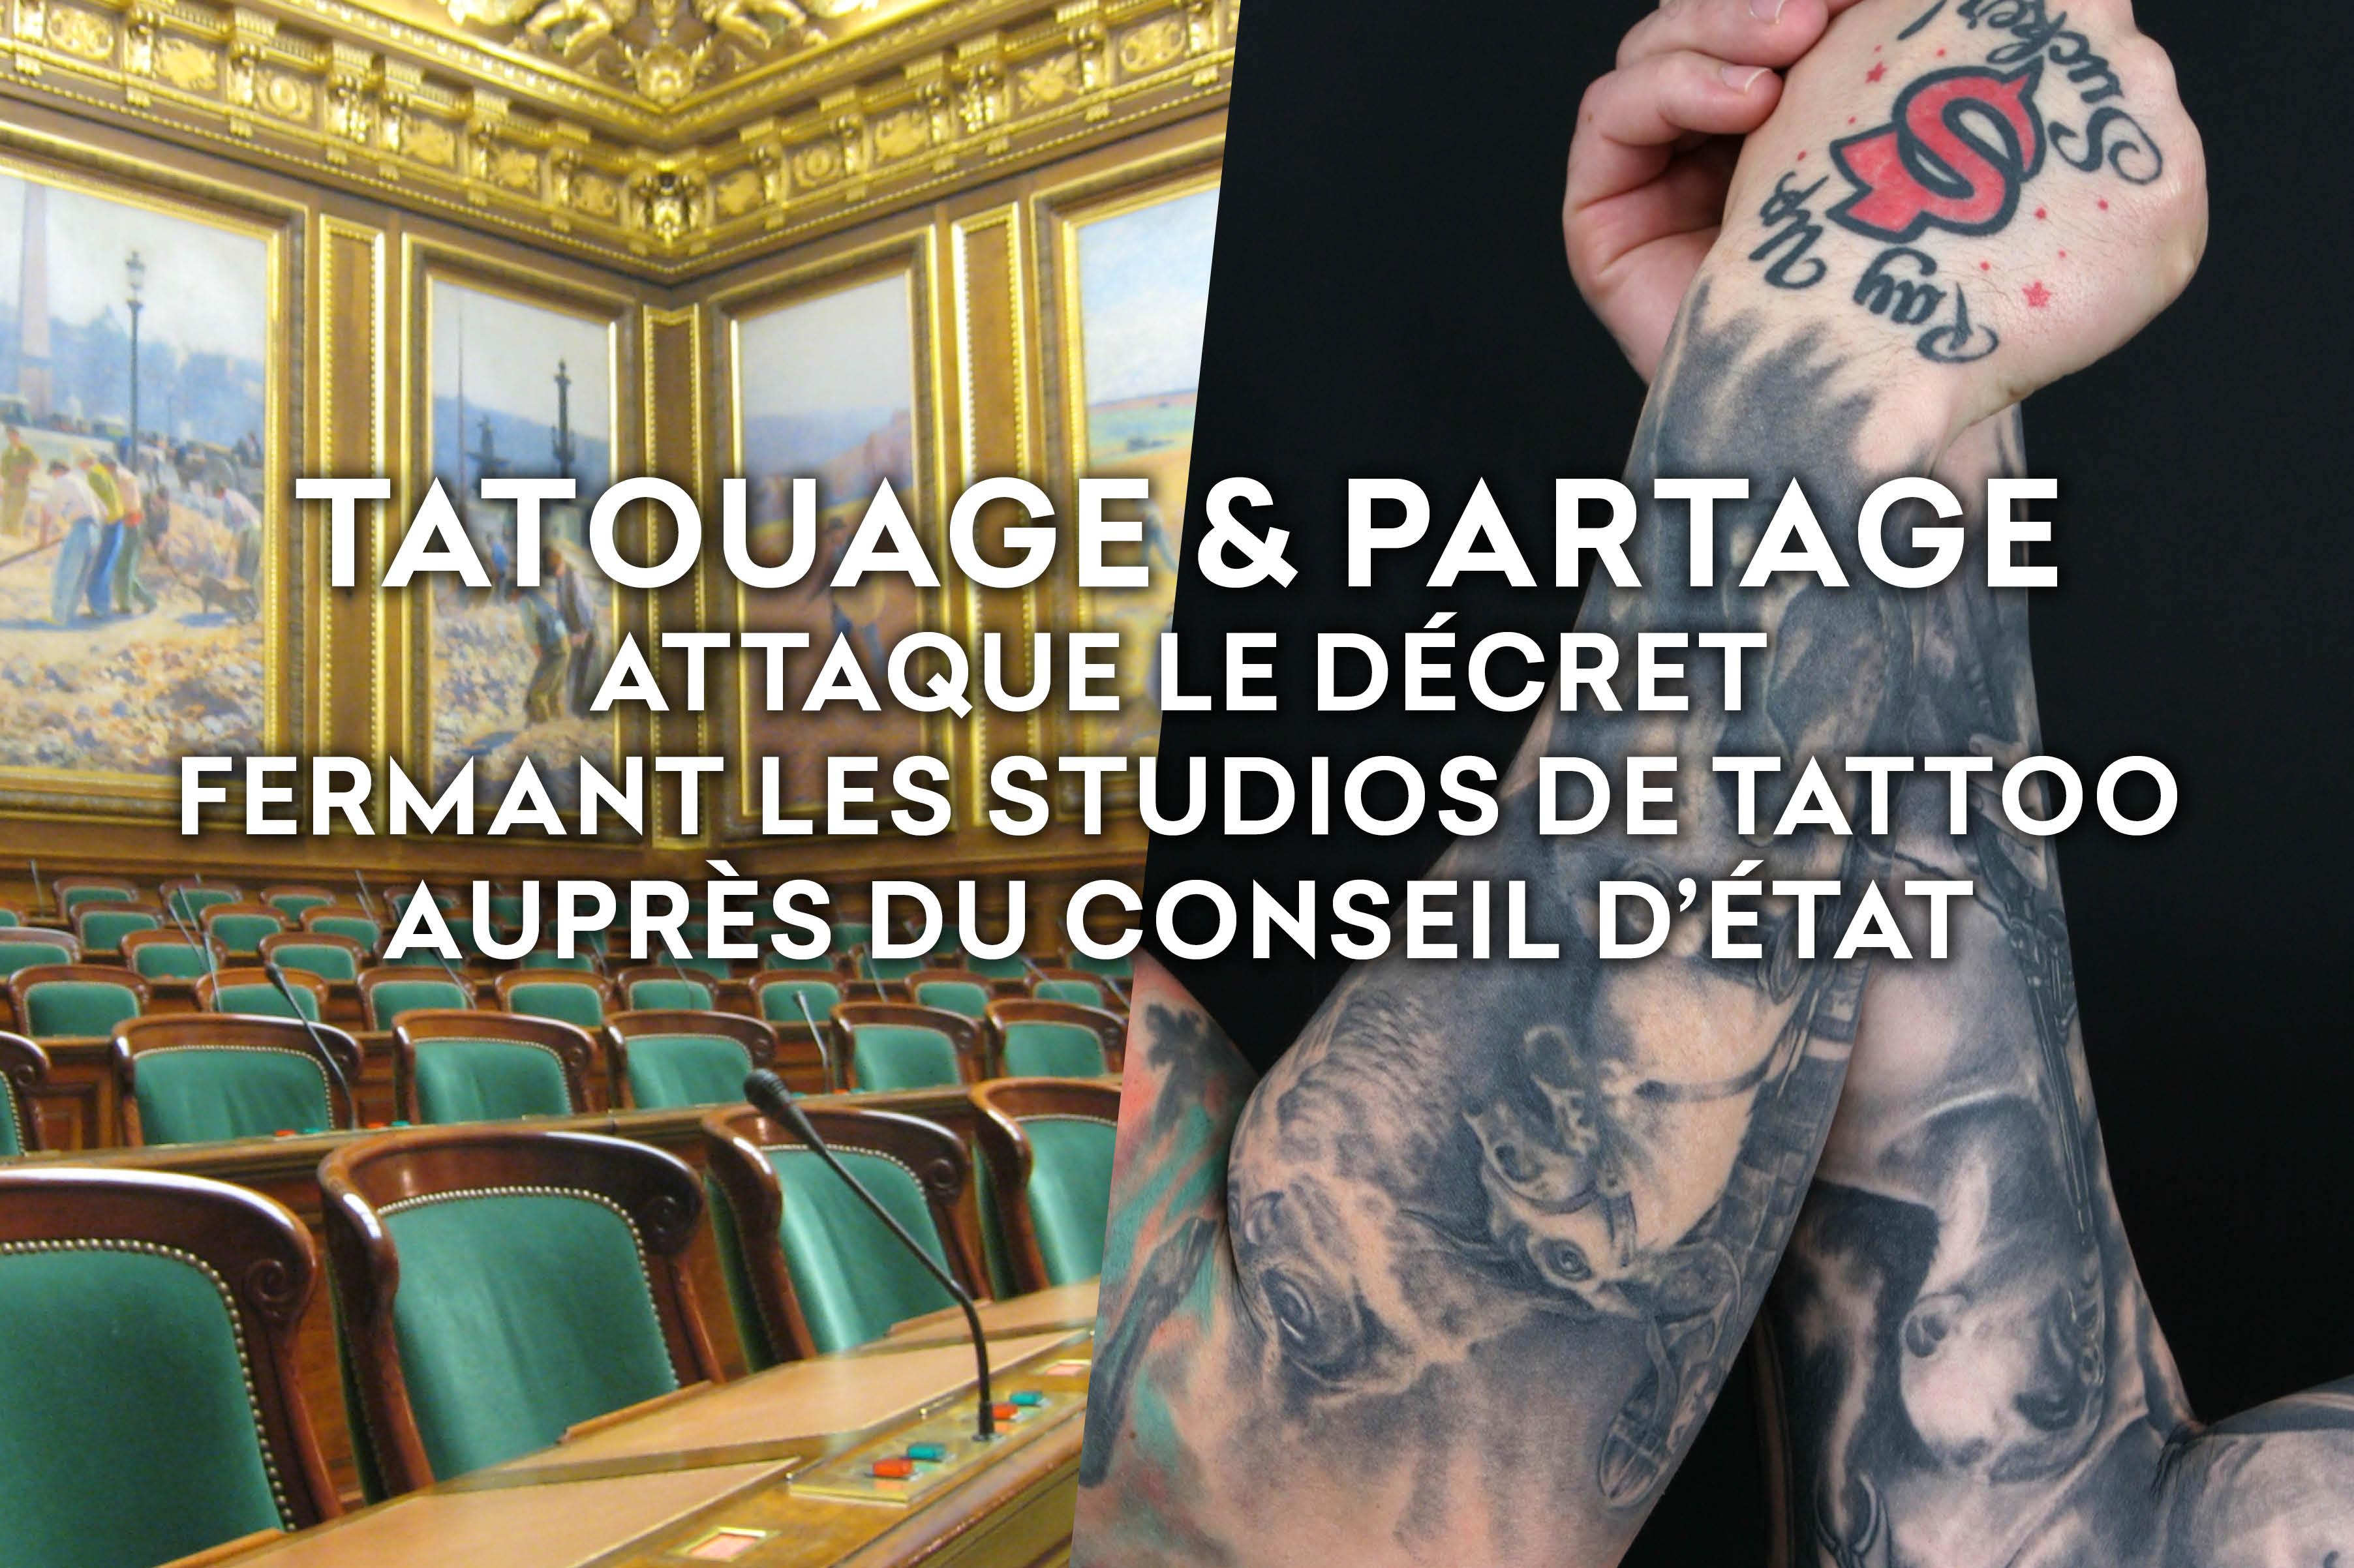 tatouage-partage-covid-confinement-fermeture-tatoueur